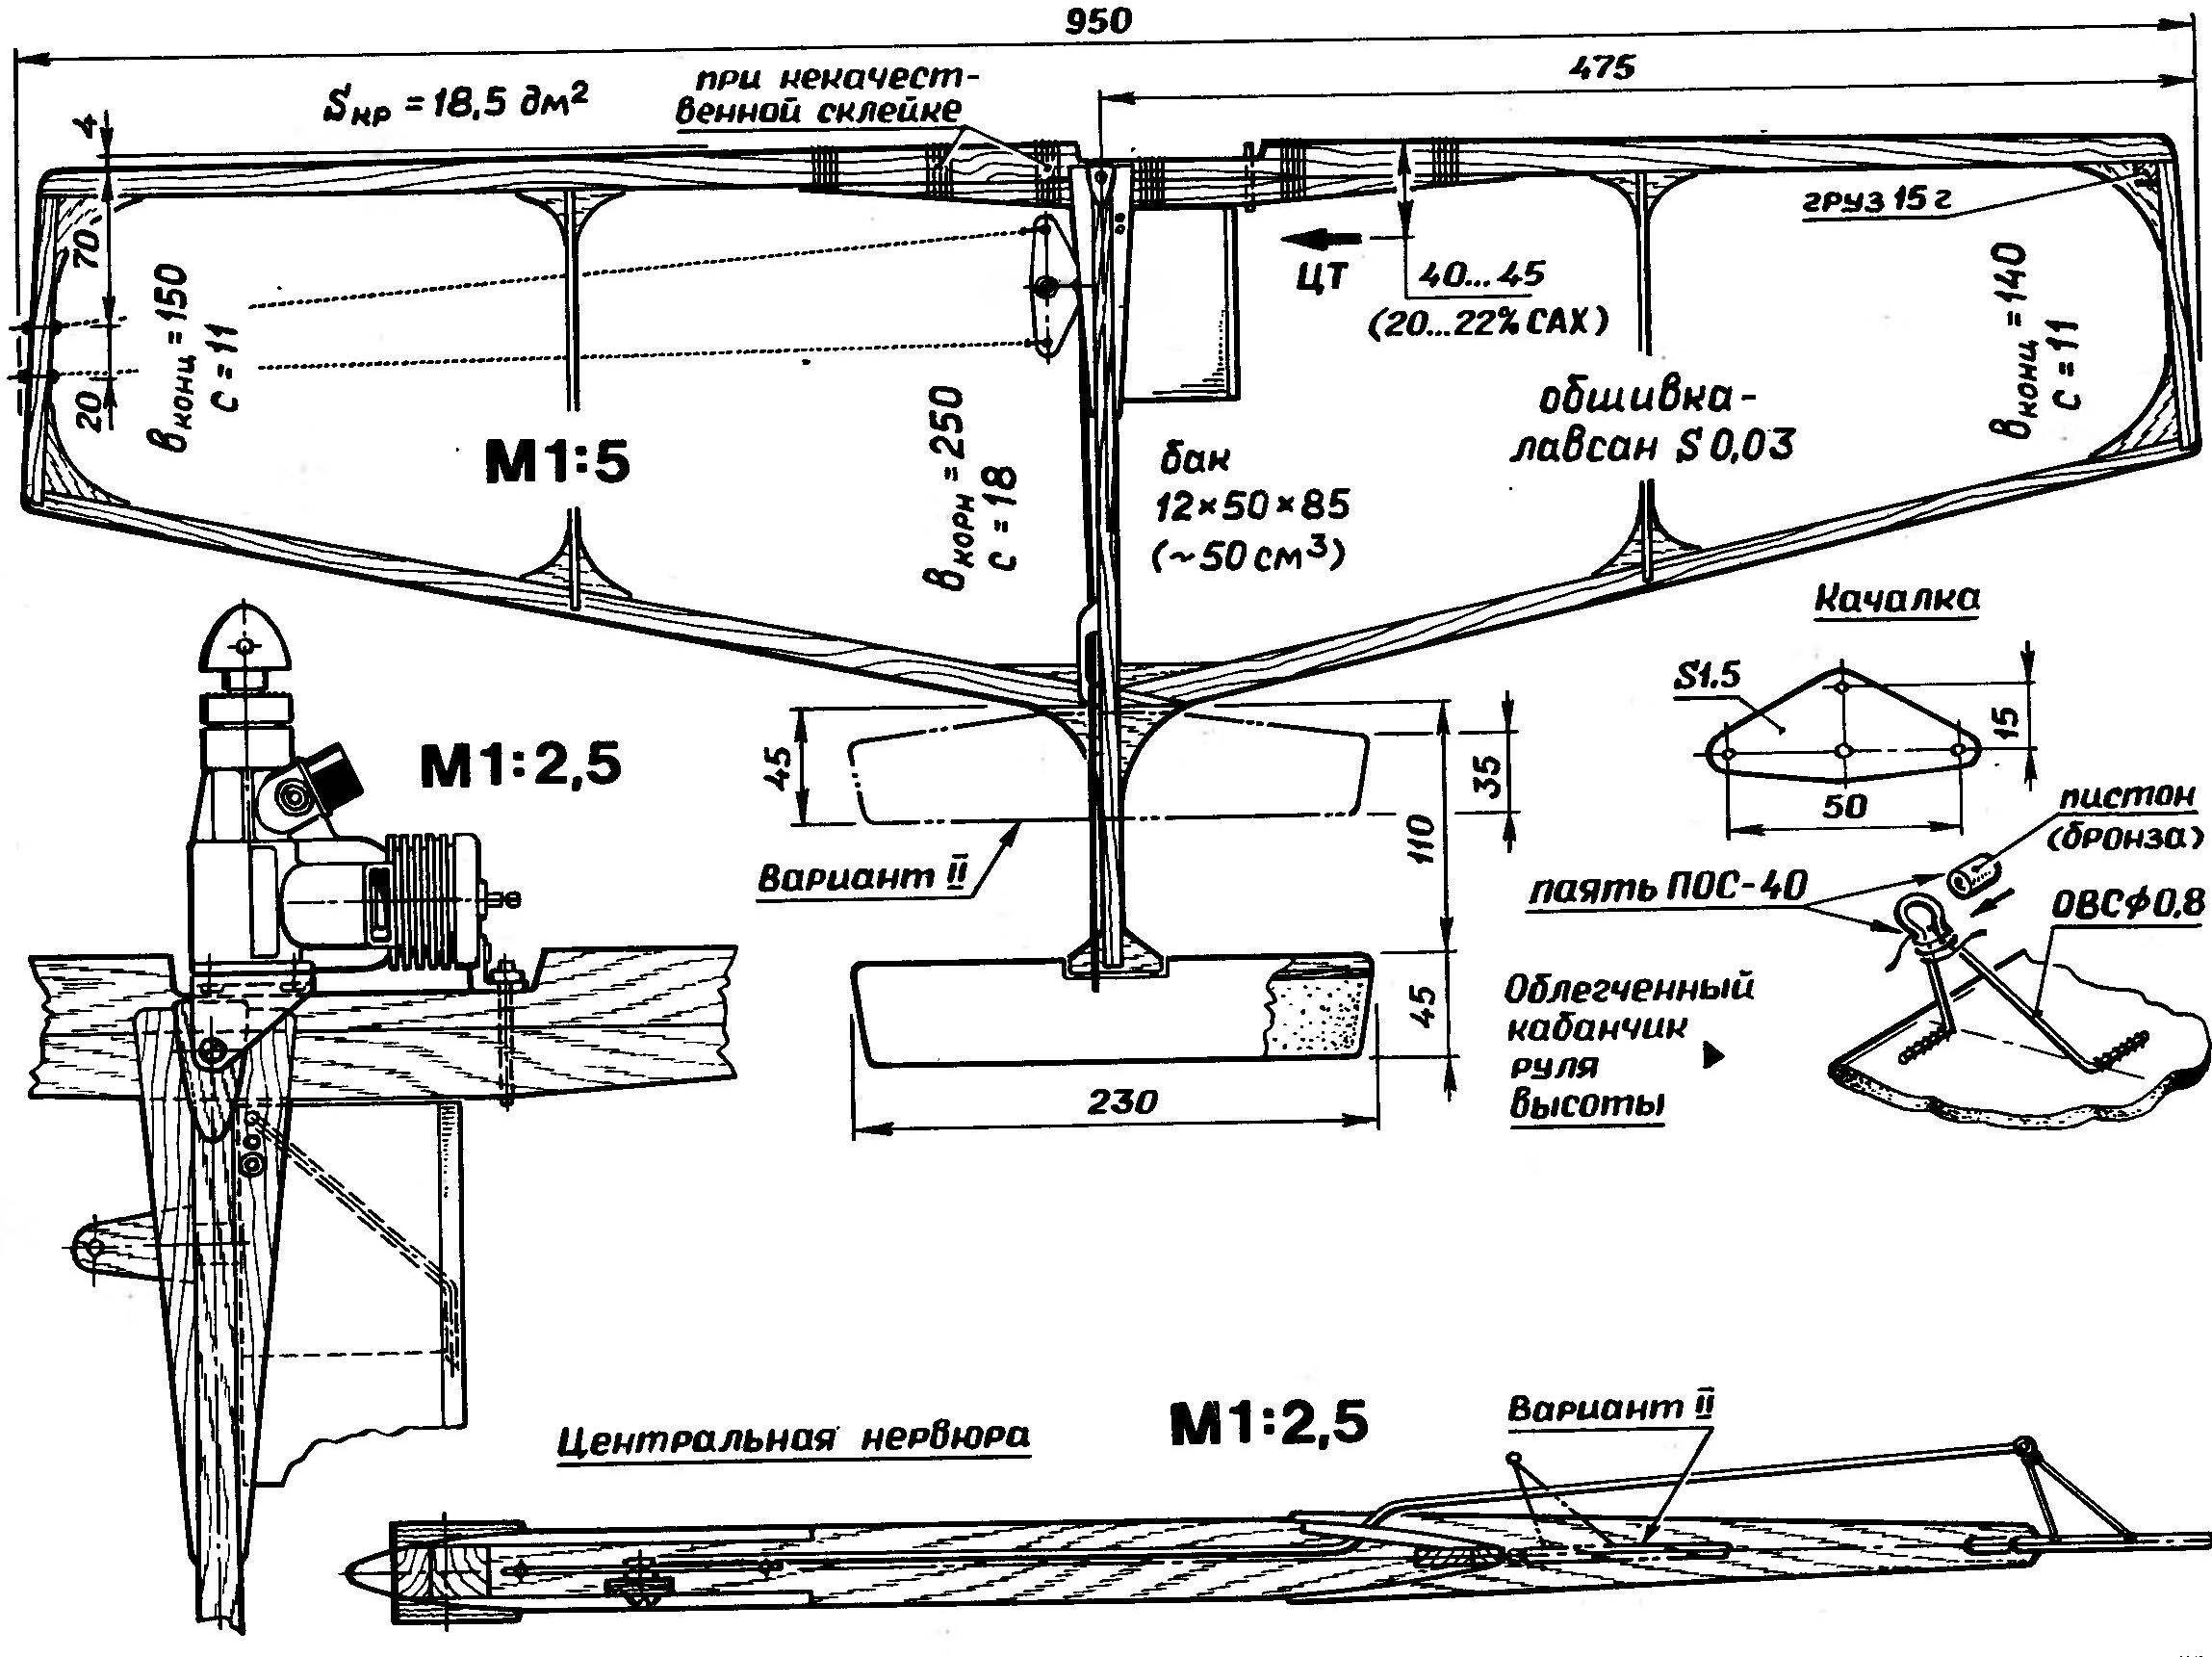 Р и с. 3. Чемпионатная модель воздушного боя отечественной разработки под двигатель рабочим объемом 2,5 см3. Основные признаки - «однонервюрная» схема и гибкий каркас крыла с уменьшенным моментом инерции. На рисунке слева приведена схема крепления двигателя на двух точках (за заднюю стенку и головку цилиндра).